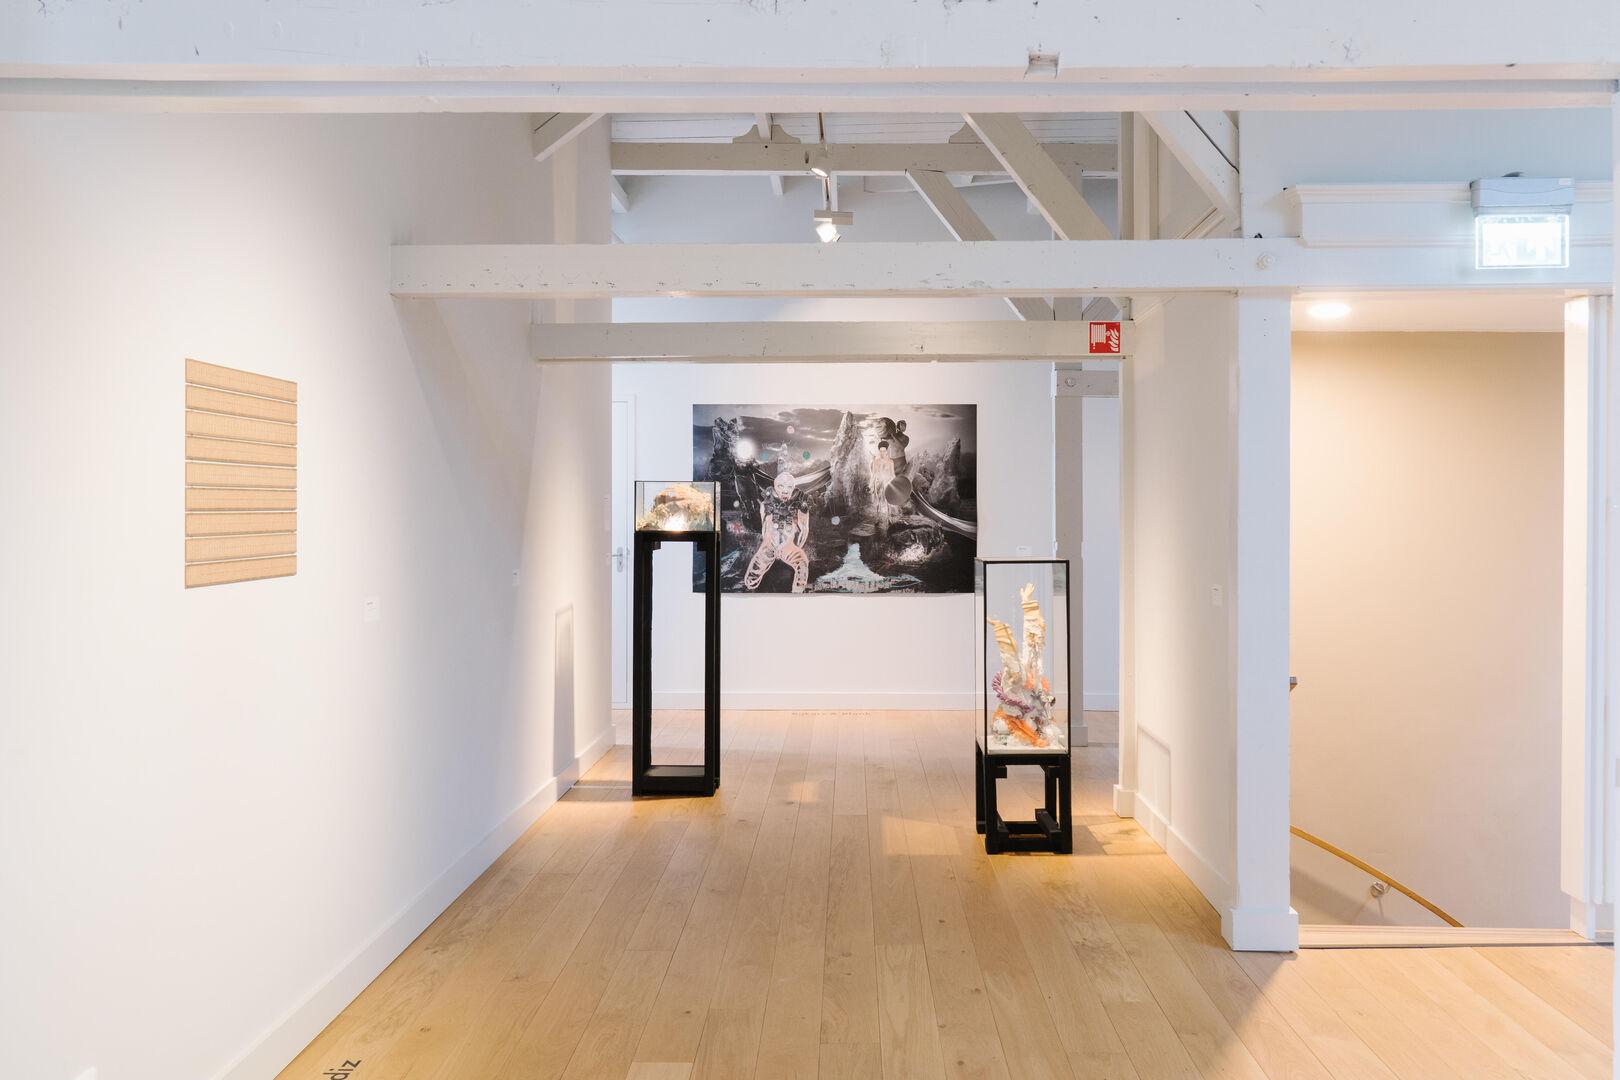 Museum Jan Cunen_opening_3oktober2020_Fotograaf_Almicheal_Fraay-5